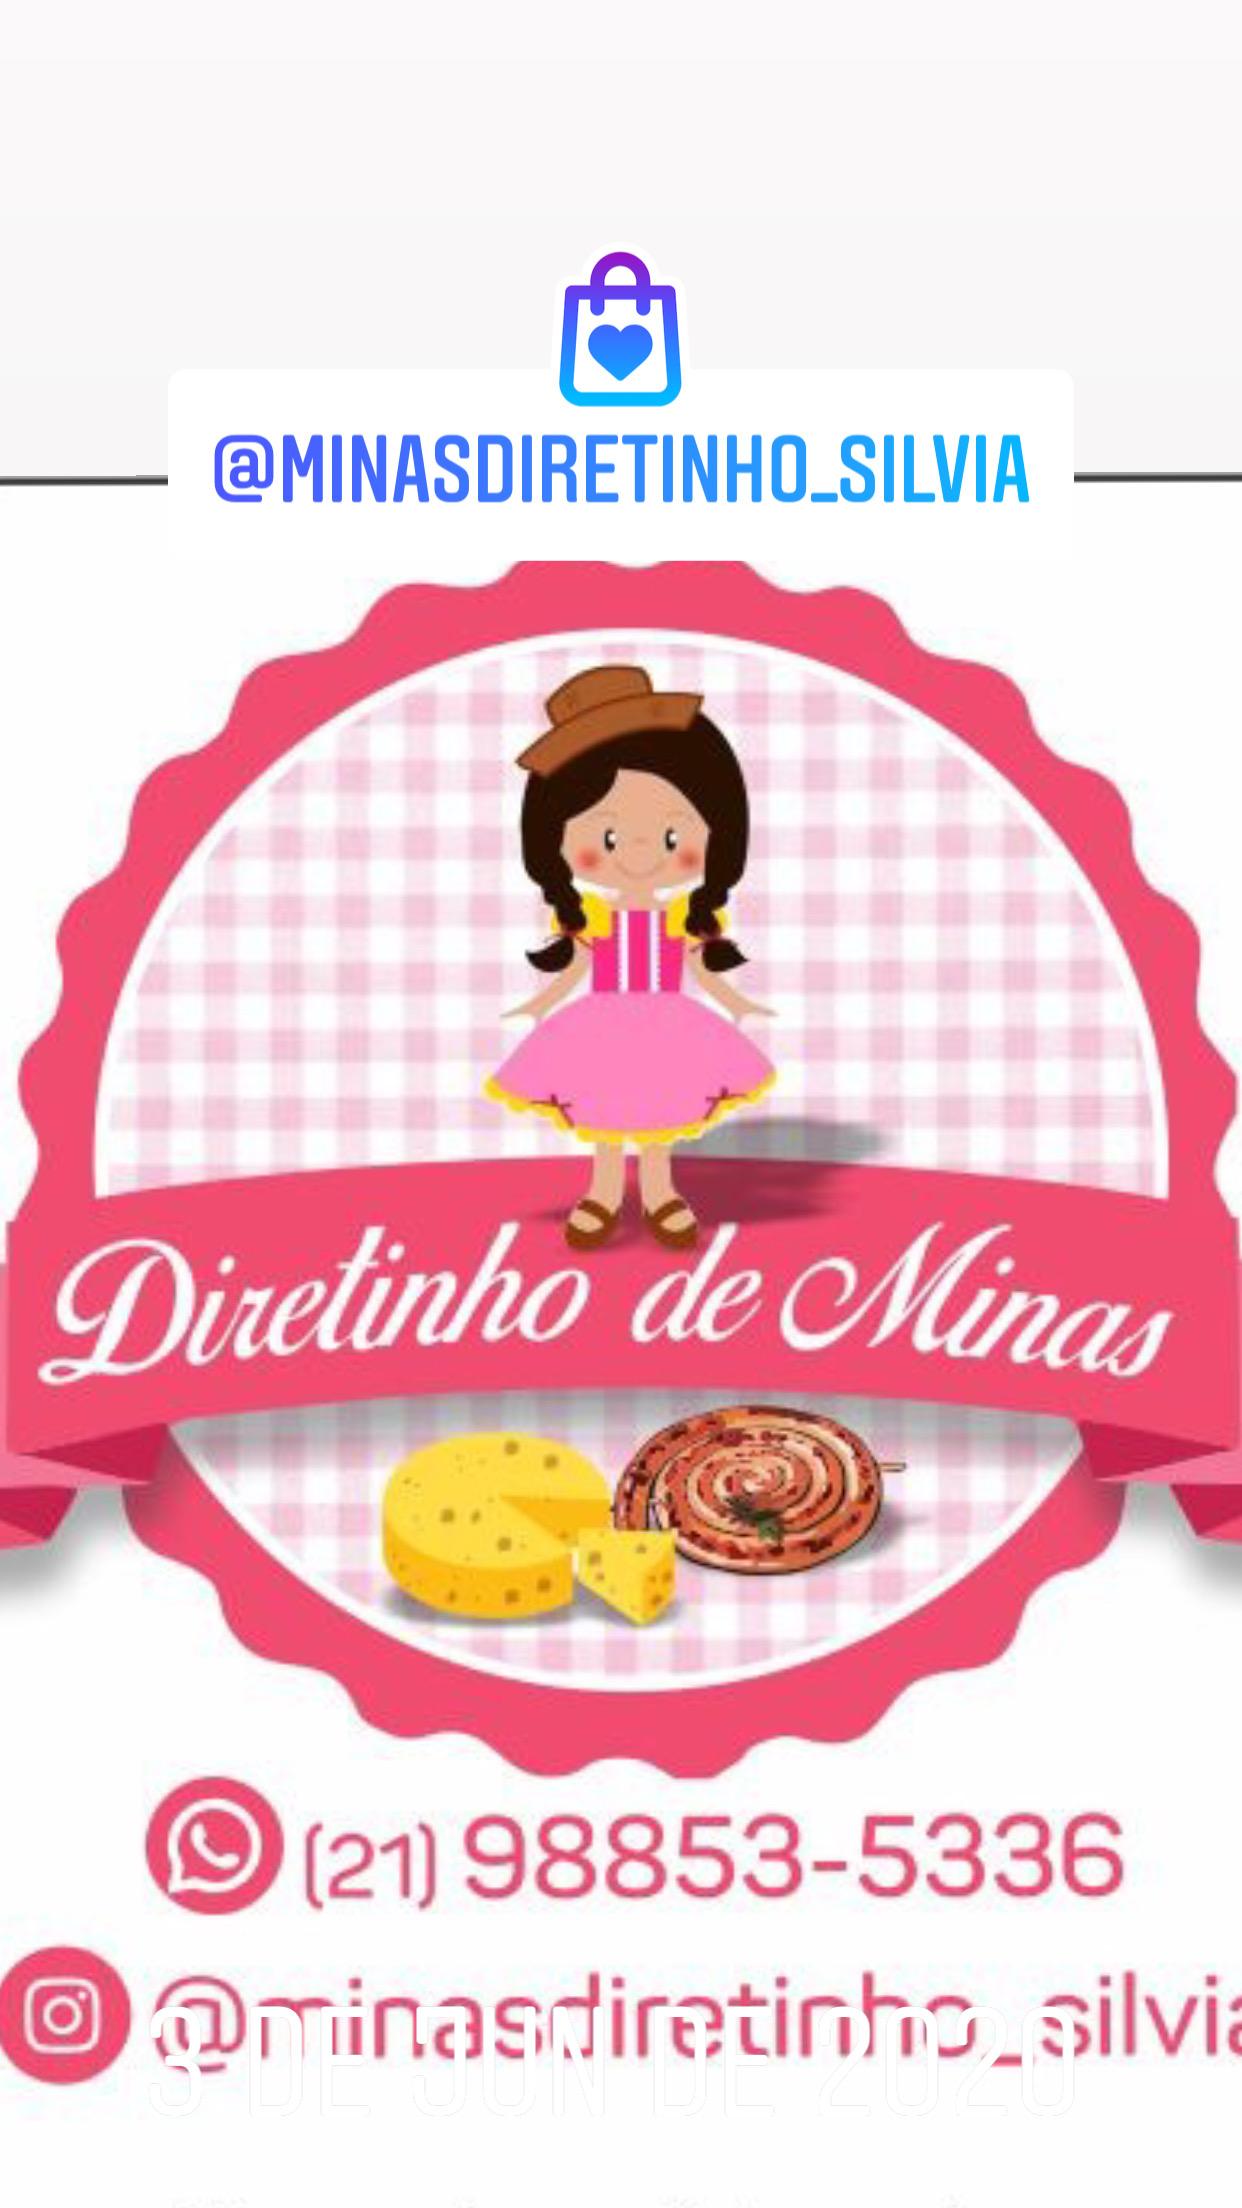 Diretinho de Minas